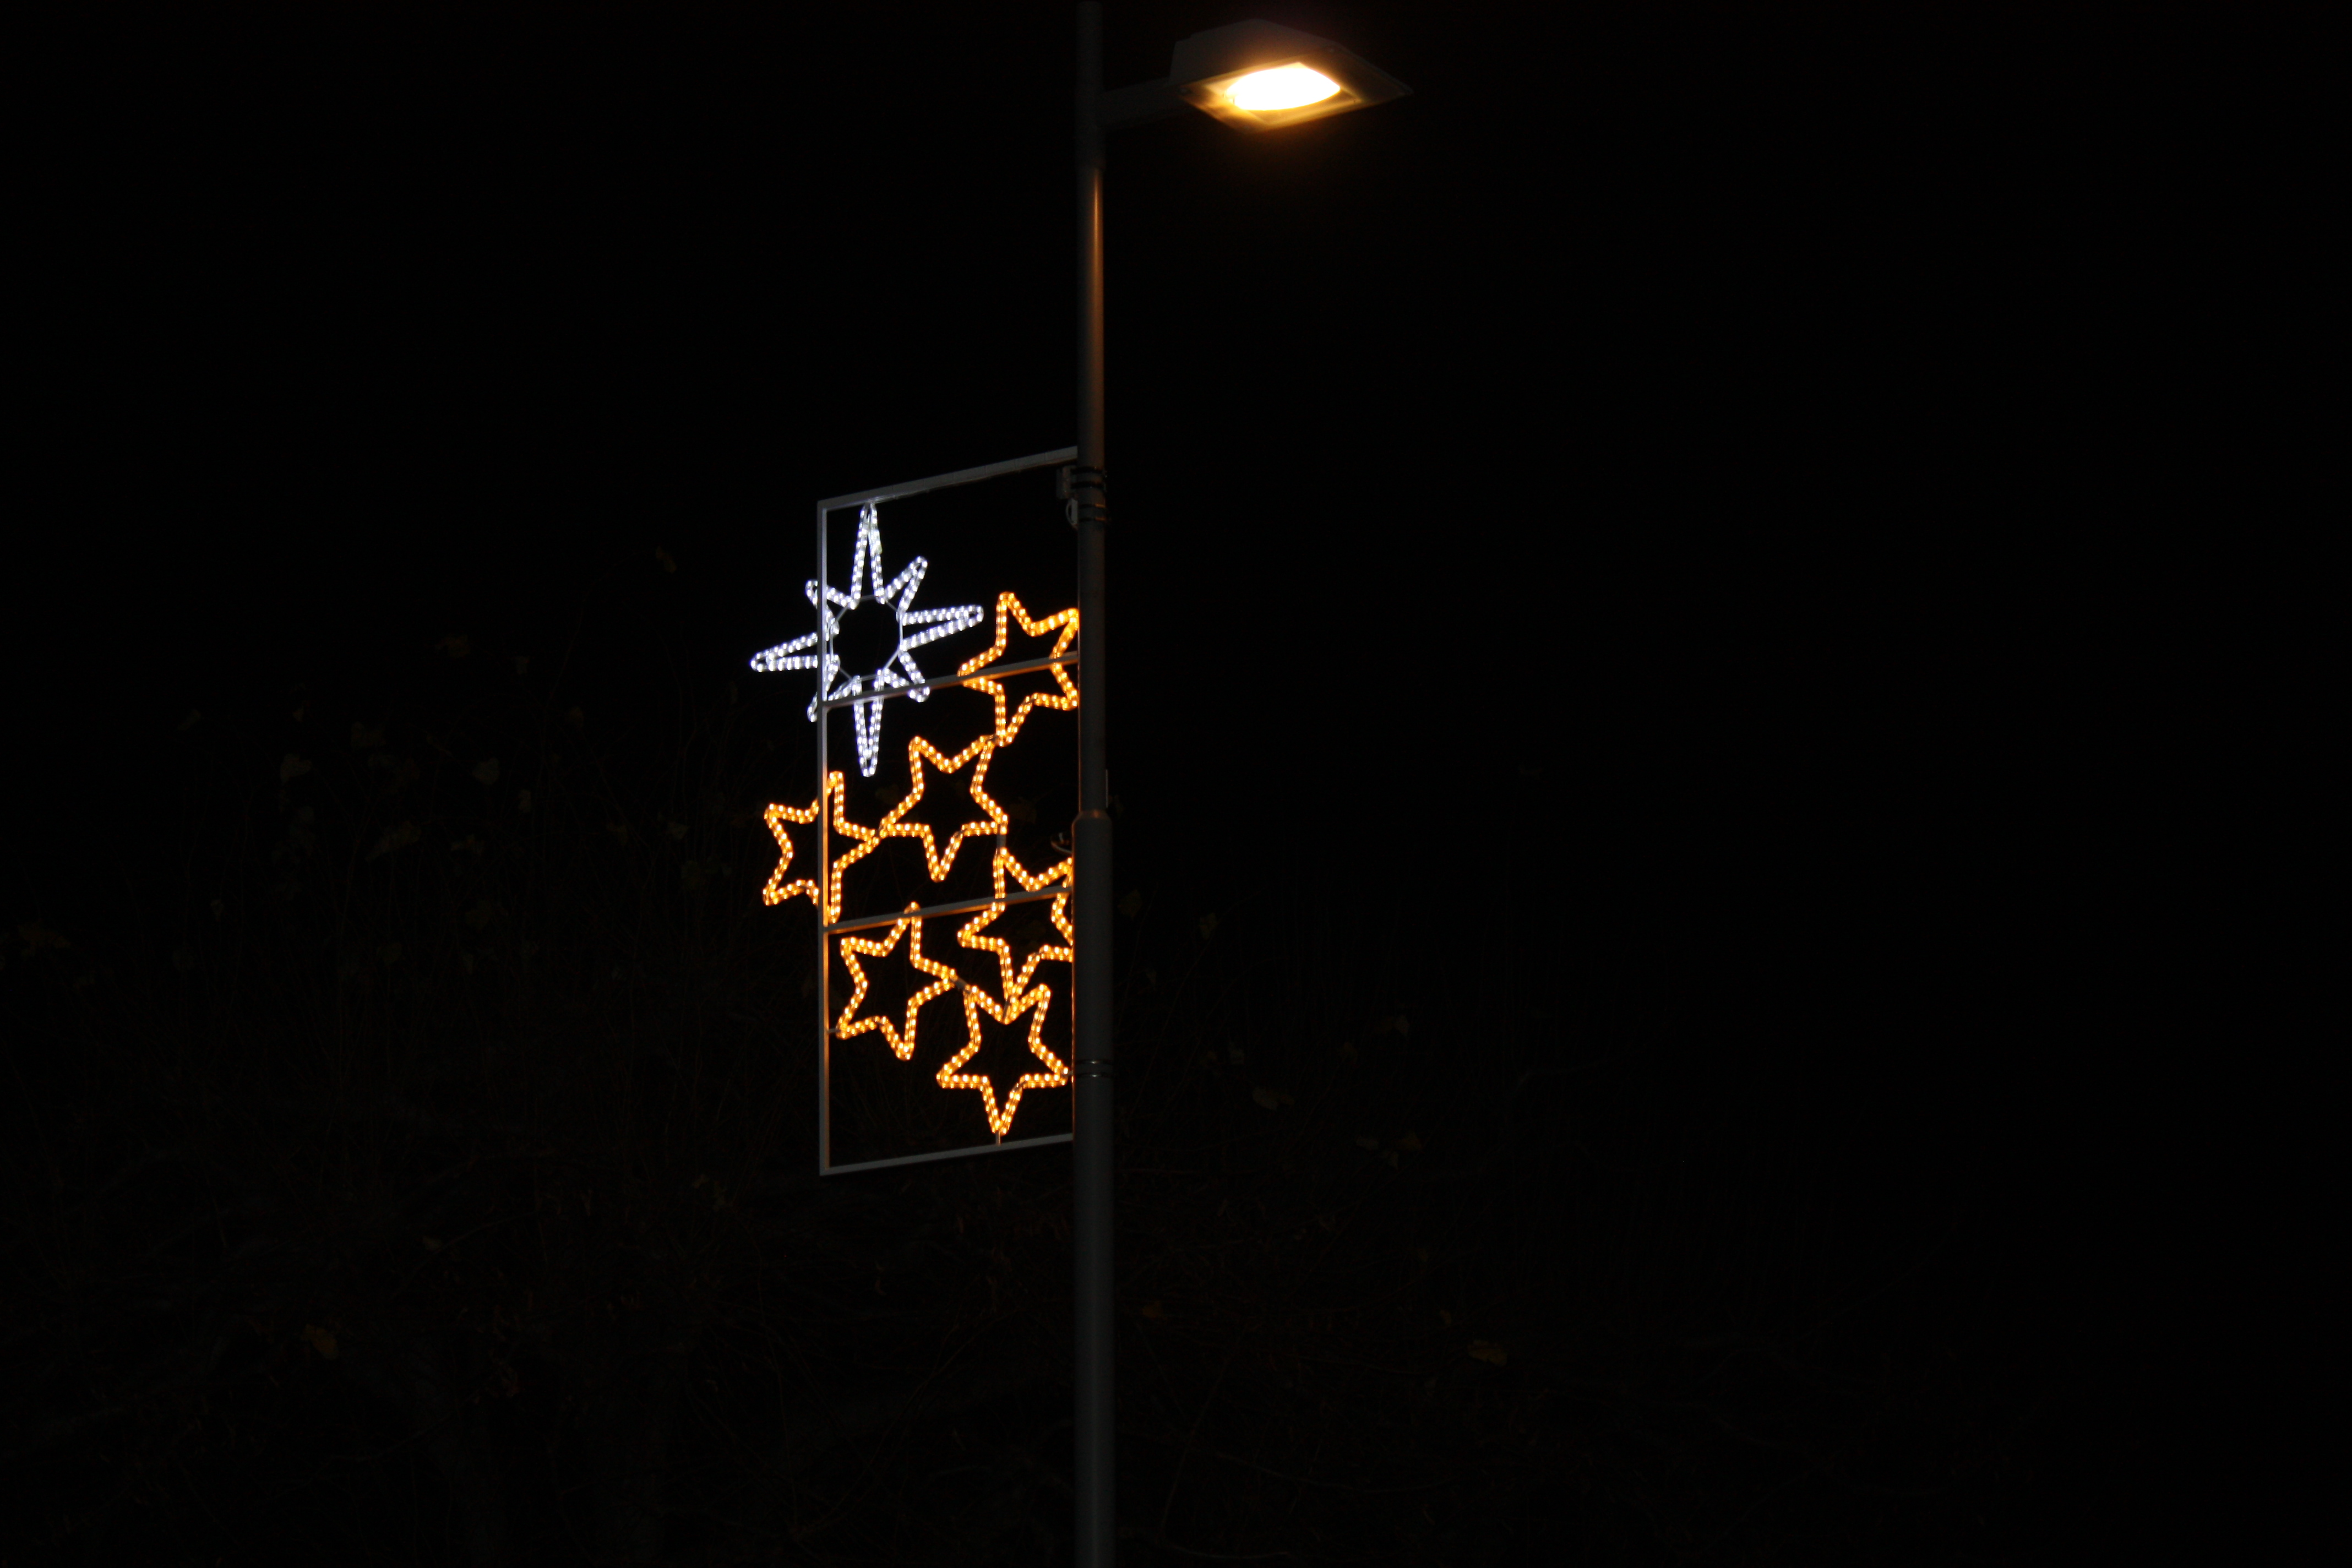 24.11.16 Einweihung der neuen Weihnachtsbeleuchtung